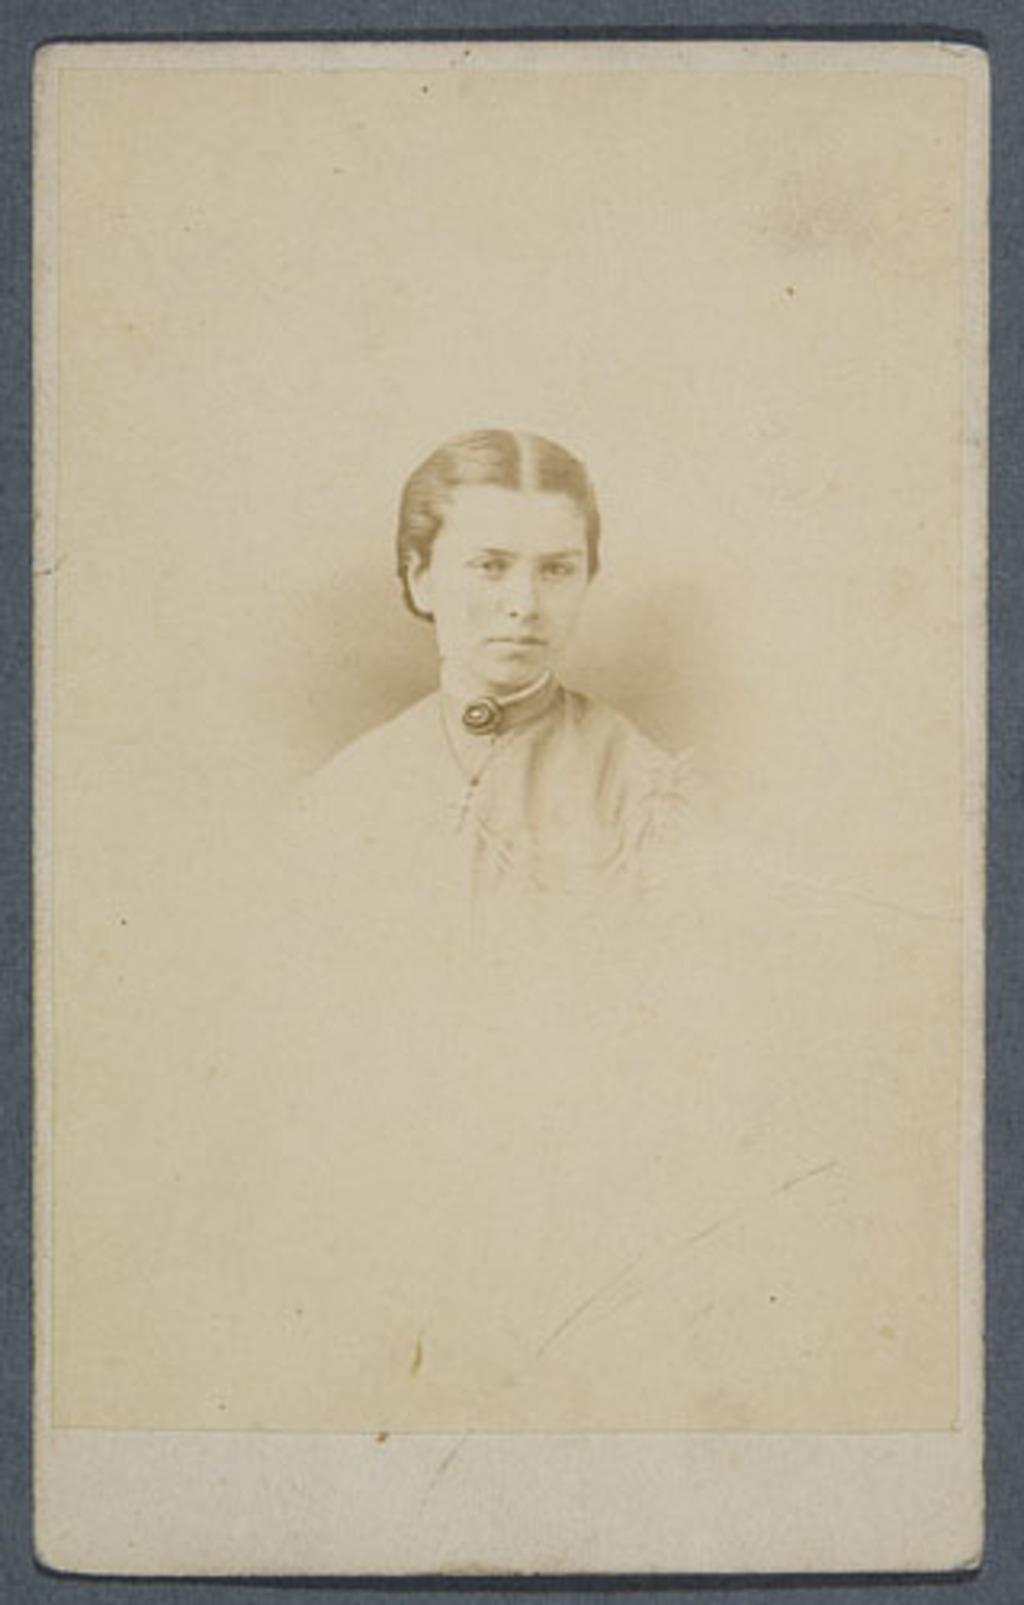 Portrait de femme, de l'album Eugène-Hamel